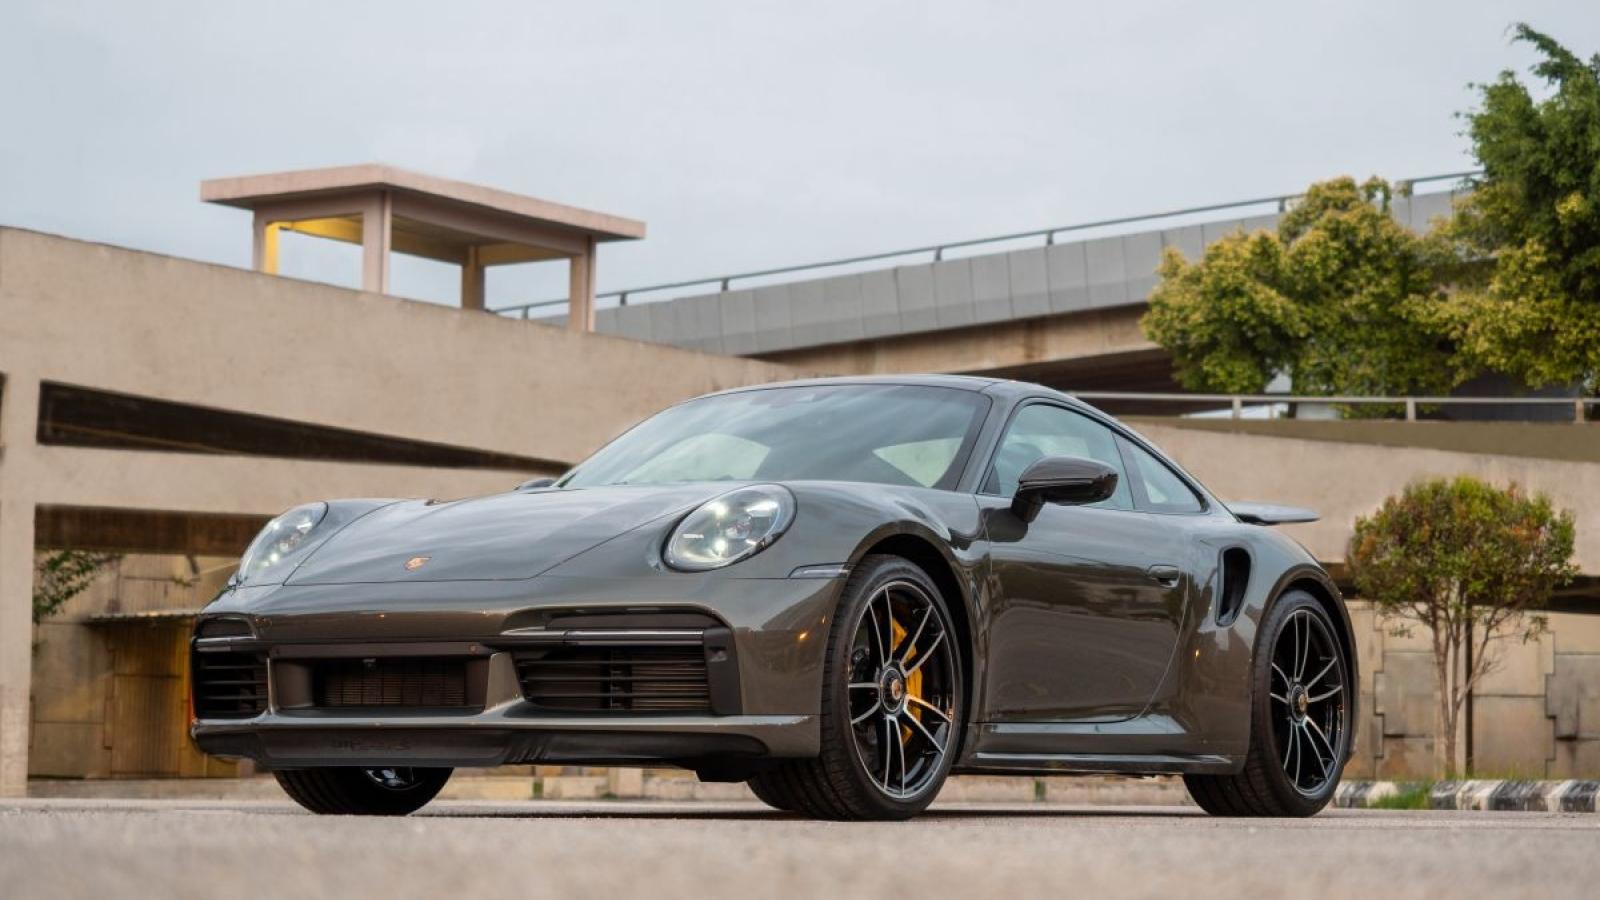 Porsche 911 Turbo S giá từ 12 tỷ đồng tại Malaysia